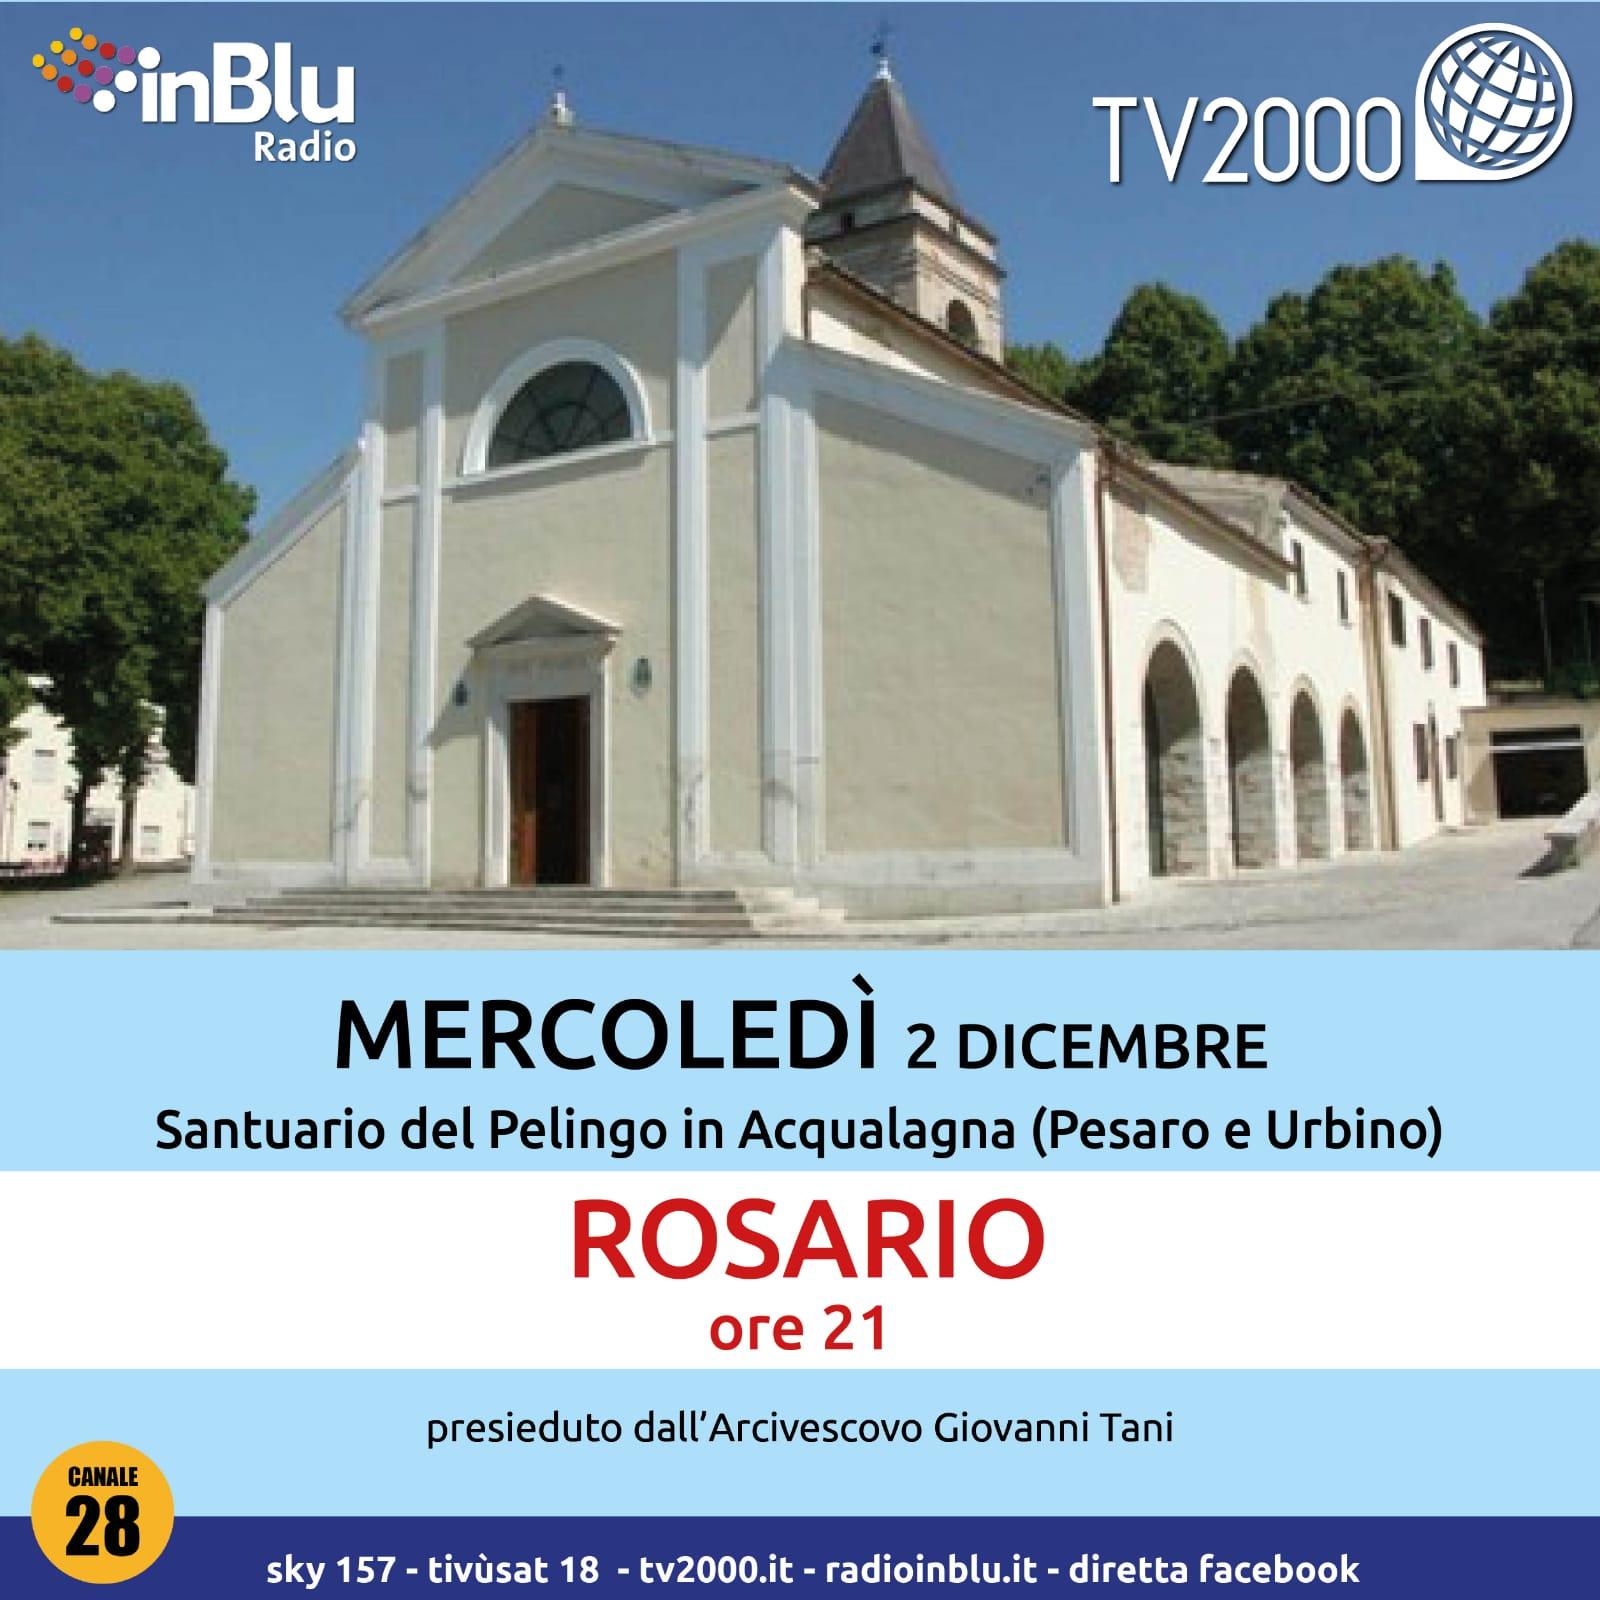 'PREGA CON NOI', ROSARIO DALLA DIOCESI DI PESARO-URBINO SU TV2000 E INBLU RADIO